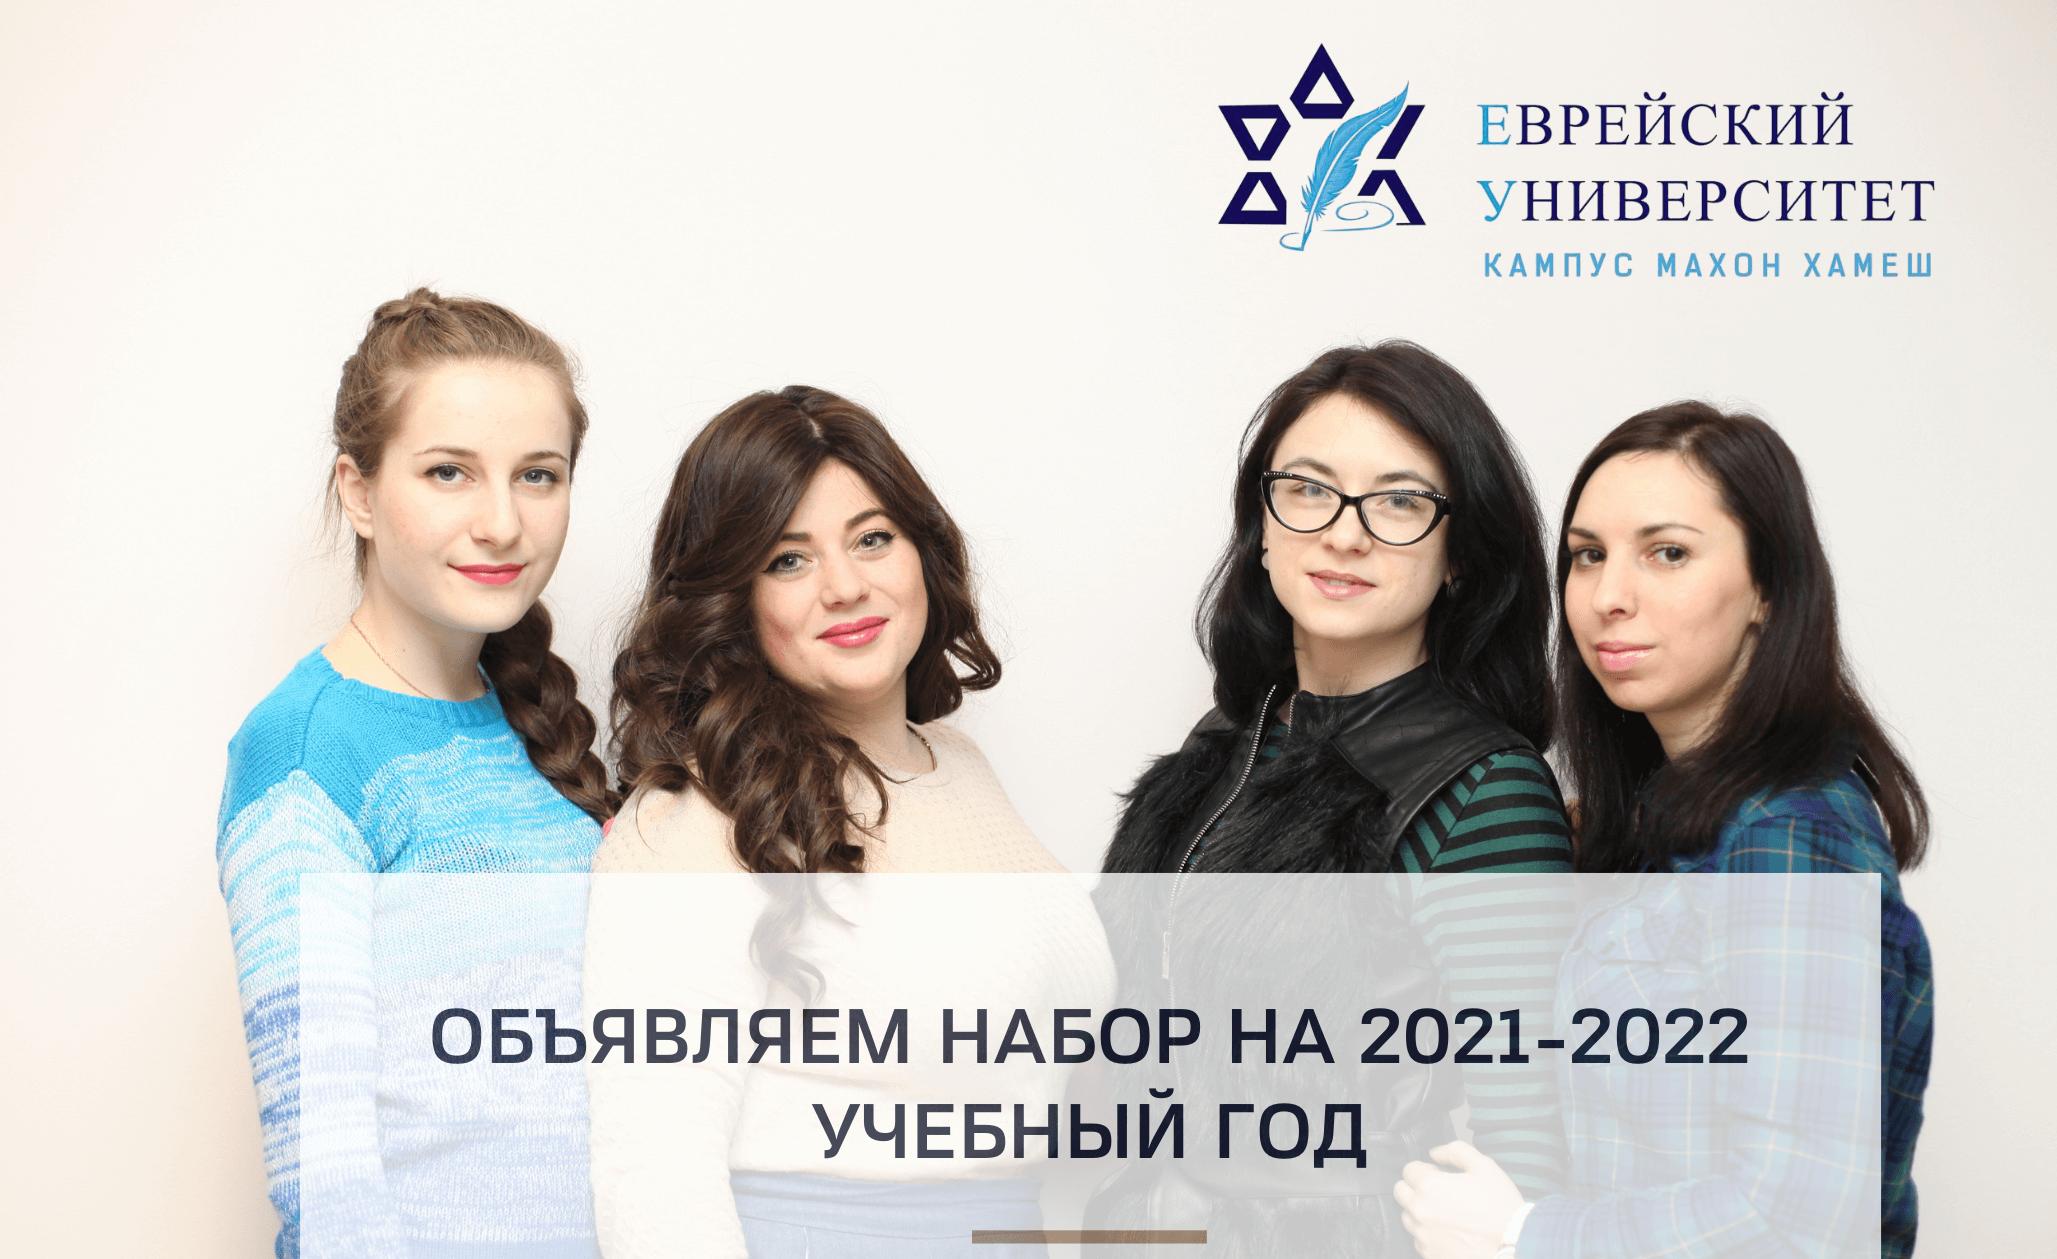 Объявляем набор на 2021-2022 учебный год